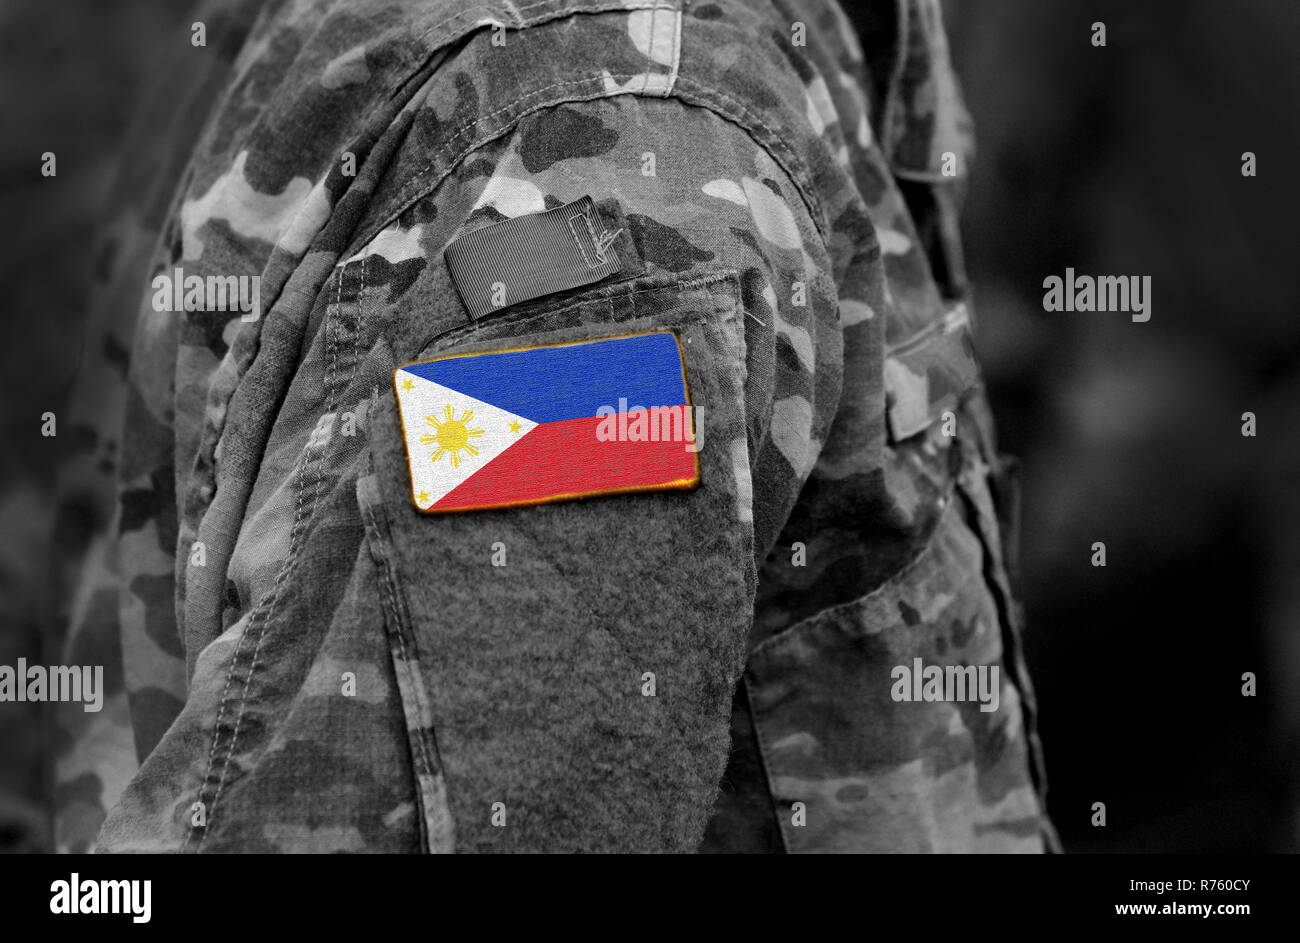 Bandiera delle Filippine sul braccio del soldato. Bandiera delle Filippine in uniformi militari (collage). Immagini Stock